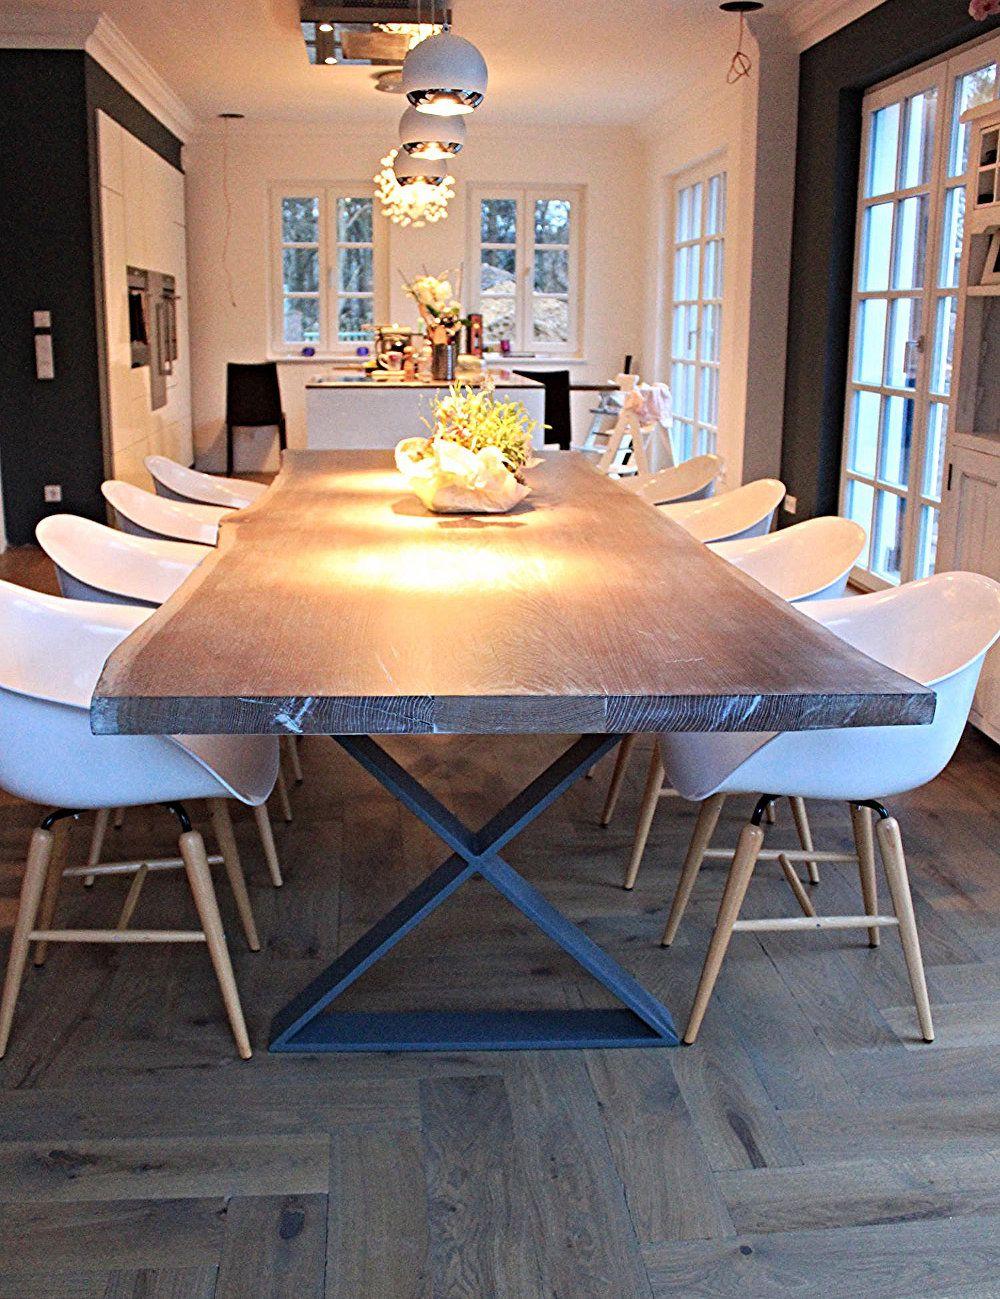 massivholztisch eichentisch esstisch holztisch designtisch aus ma holzwerk hamburg haus. Black Bedroom Furniture Sets. Home Design Ideas